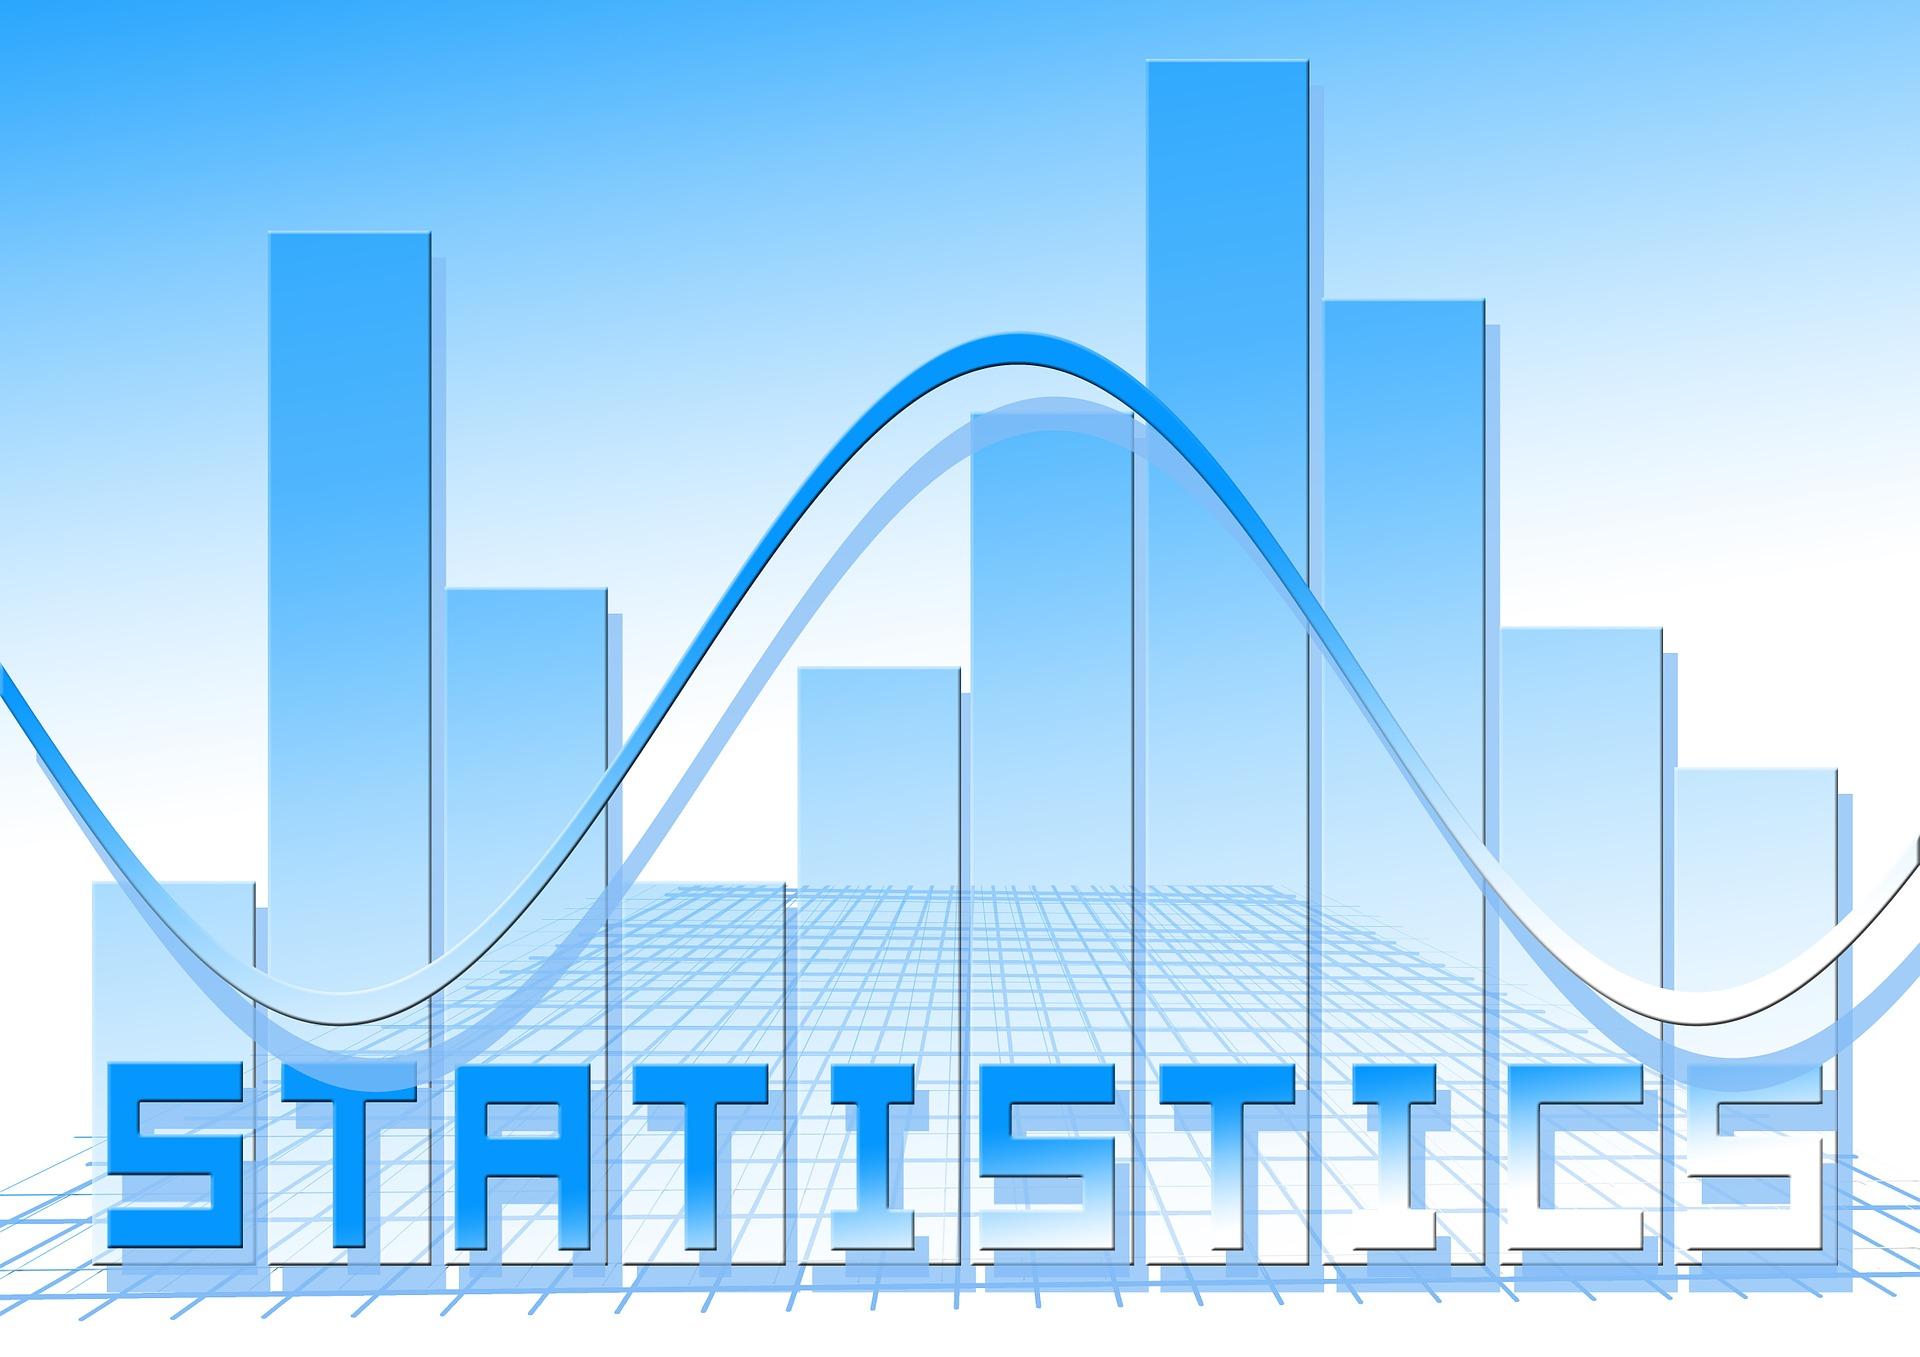 データを分析する上で重要なスキルのひとつに「統計学」があります